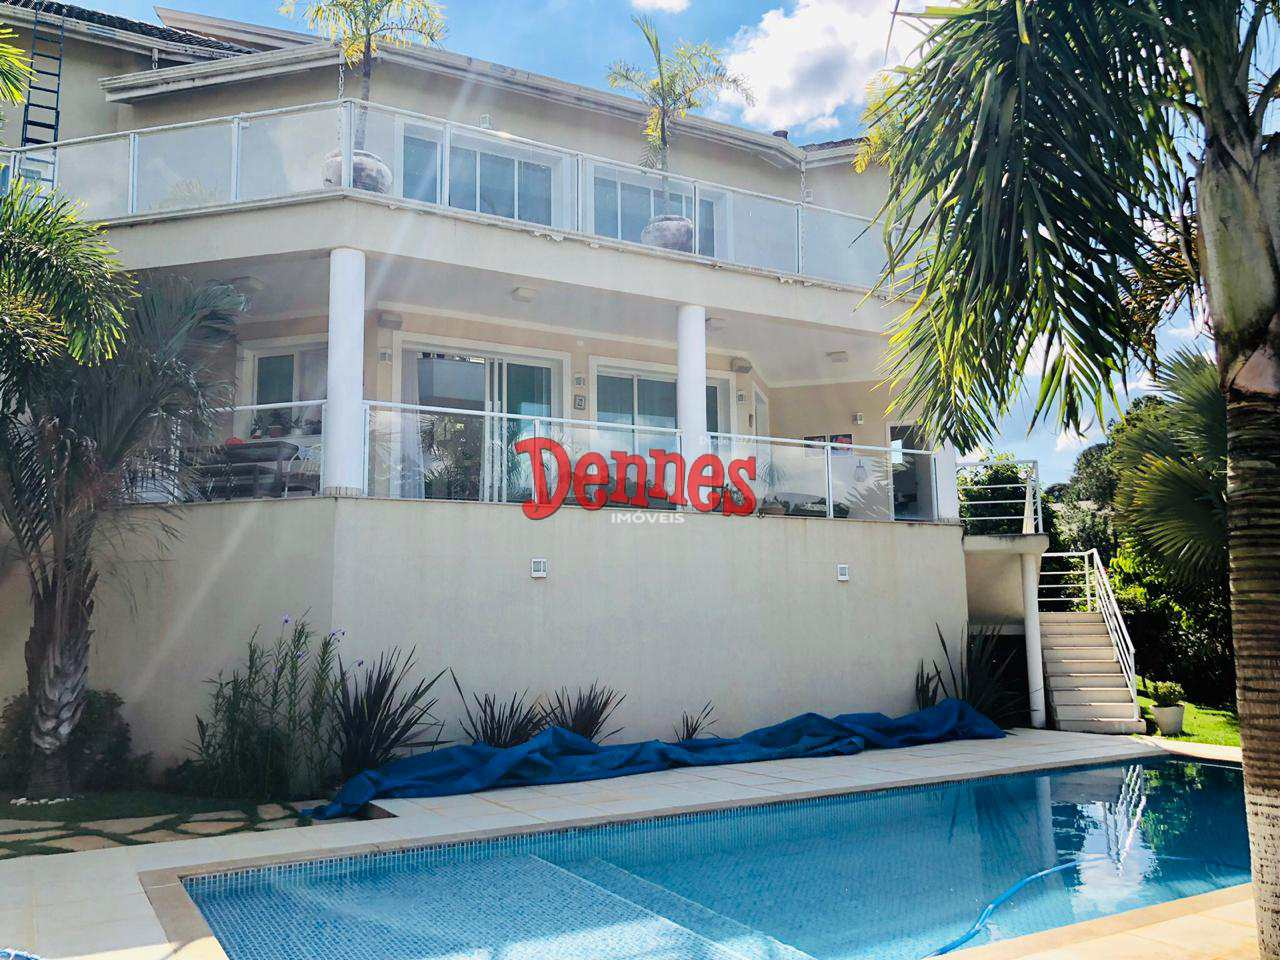 Casa - Condomínio com 4 suítes, Jardim das Palmeiras.